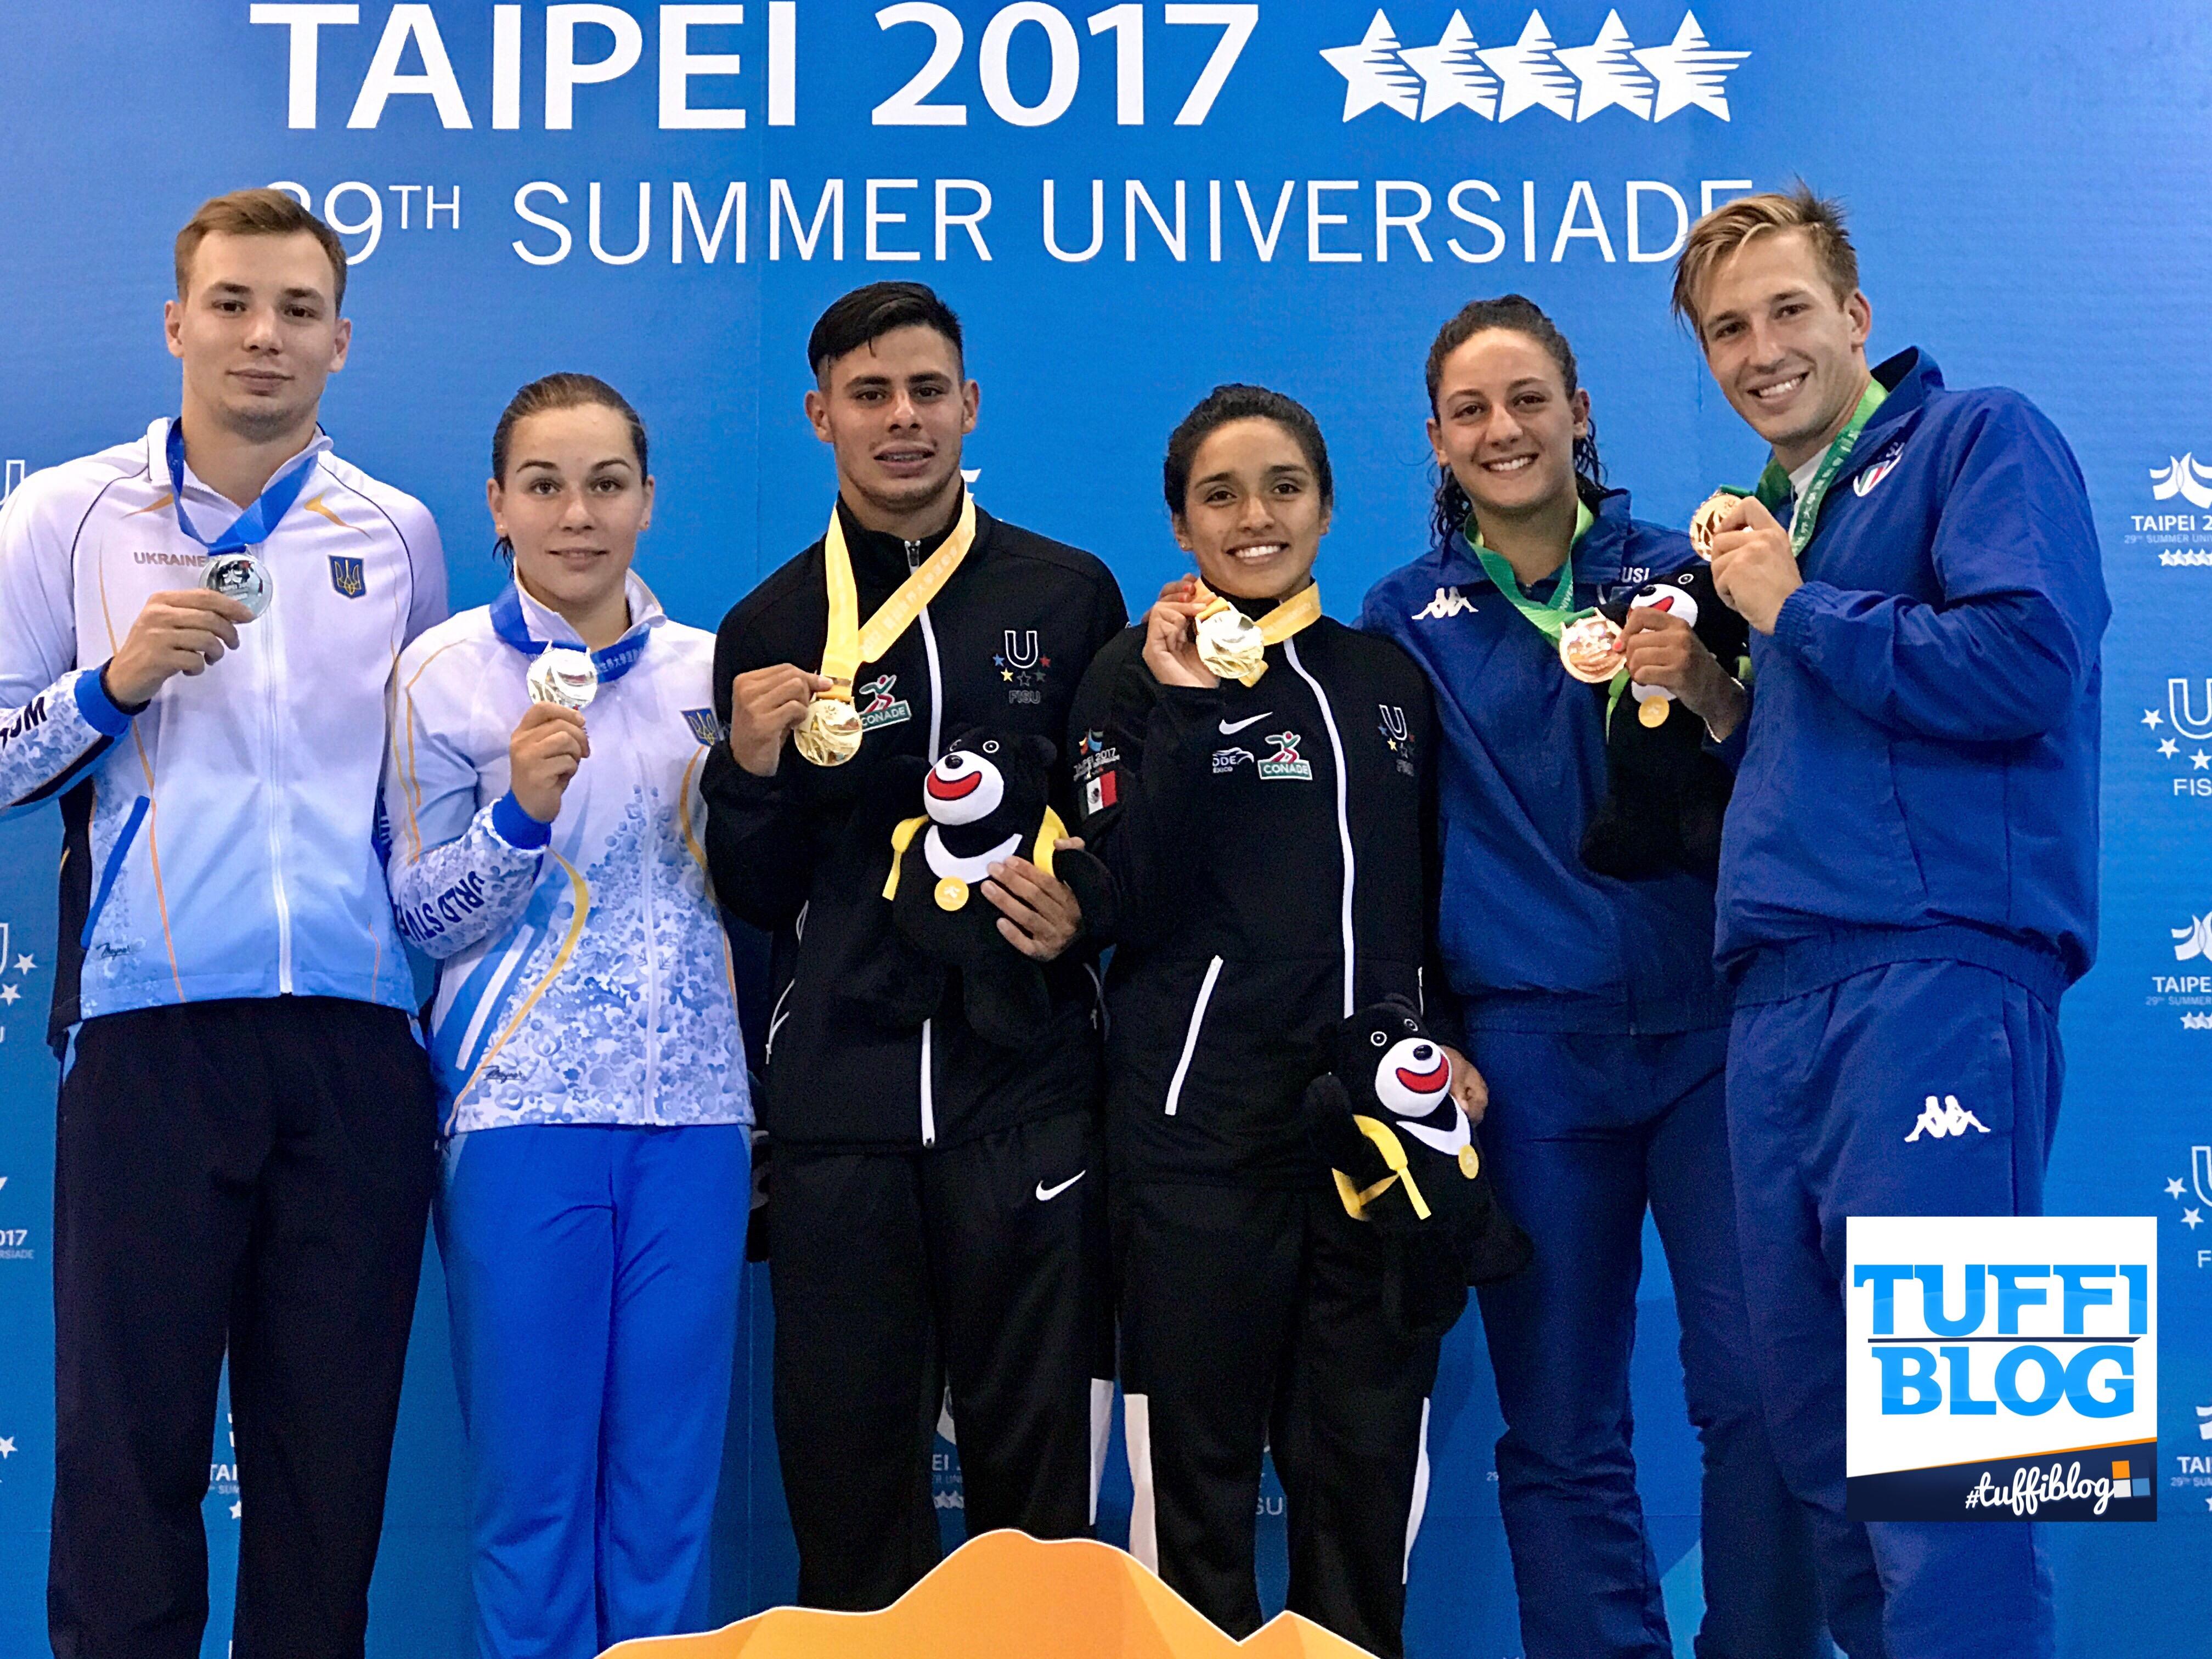 Universiadi 2017: Taipei - Sincro misto di bronzo per Auber e Bilotta!